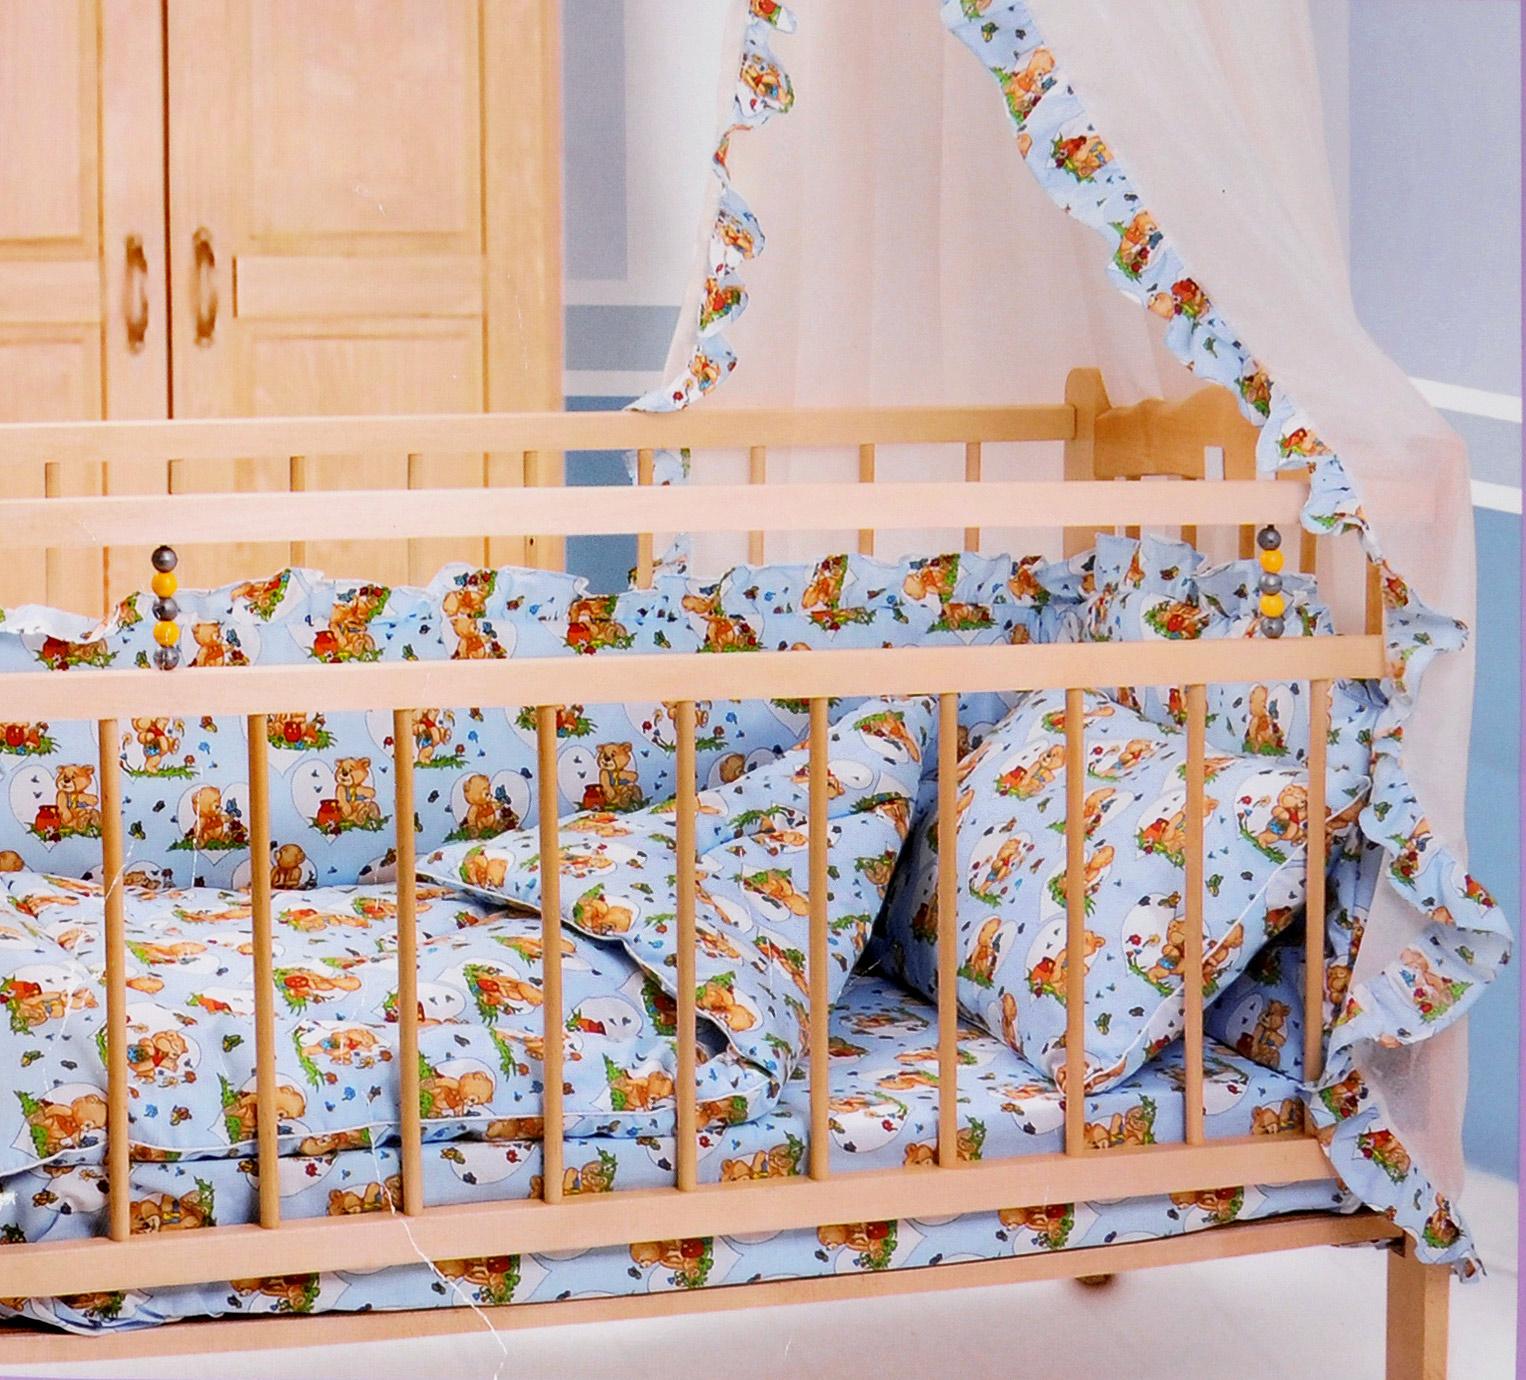 Комплект в кроватку Primavelle Кроха, цвет: голубой, 5 предметов522201Комплект в кроватку Primavelle Кроха прекрасно подойдет для кроватки вашего малыша, добавит комнате уюта и согреет в прохладные дни. В качестве материала верха использованы 70% хлопка и 30% полиэстера. Мягкая ткань не раздражает чувствительную и нежную кожу ребенка и хорошо вентилируется. Подушка и одеяло наполнены гипоаллергенным экофайбером, который не впитывает запах и пыль. В комплекте - удобный карман на кроватку для всех необходимых вещей.Очень важно, чтобы ваш малыш хорошо спал - это залог его здоровья, а значит вашего спокойствия. Комплект Primavelle Кроха идеально подойдет для кроватки вашего малыша. На нем ваш кроха будет спать здоровым и крепким сном.Комплектация:- бортик (150 см х 35 см); - простыня (120 см х 180 см);- подушка (40 см х 60 см);- одеяло (110 см х 140 см);- кармашек (60 см х 45 см).